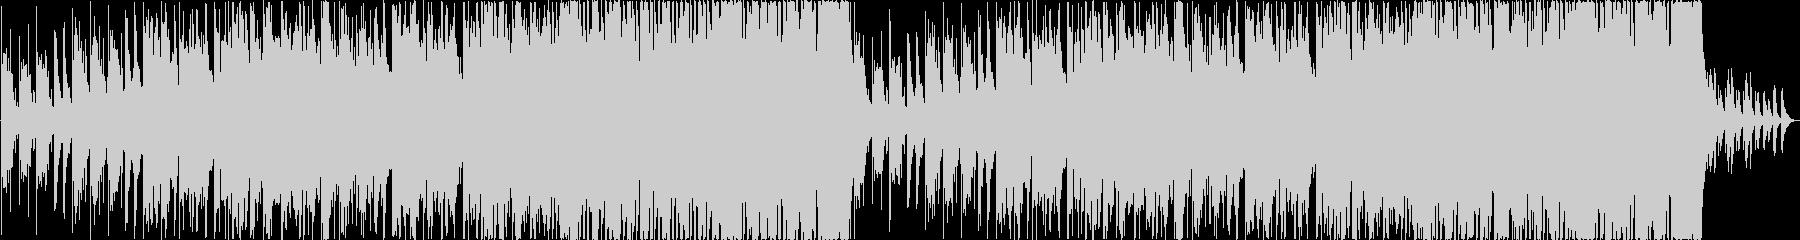 笛メイン、雪をイメージしたBGMの未再生の波形